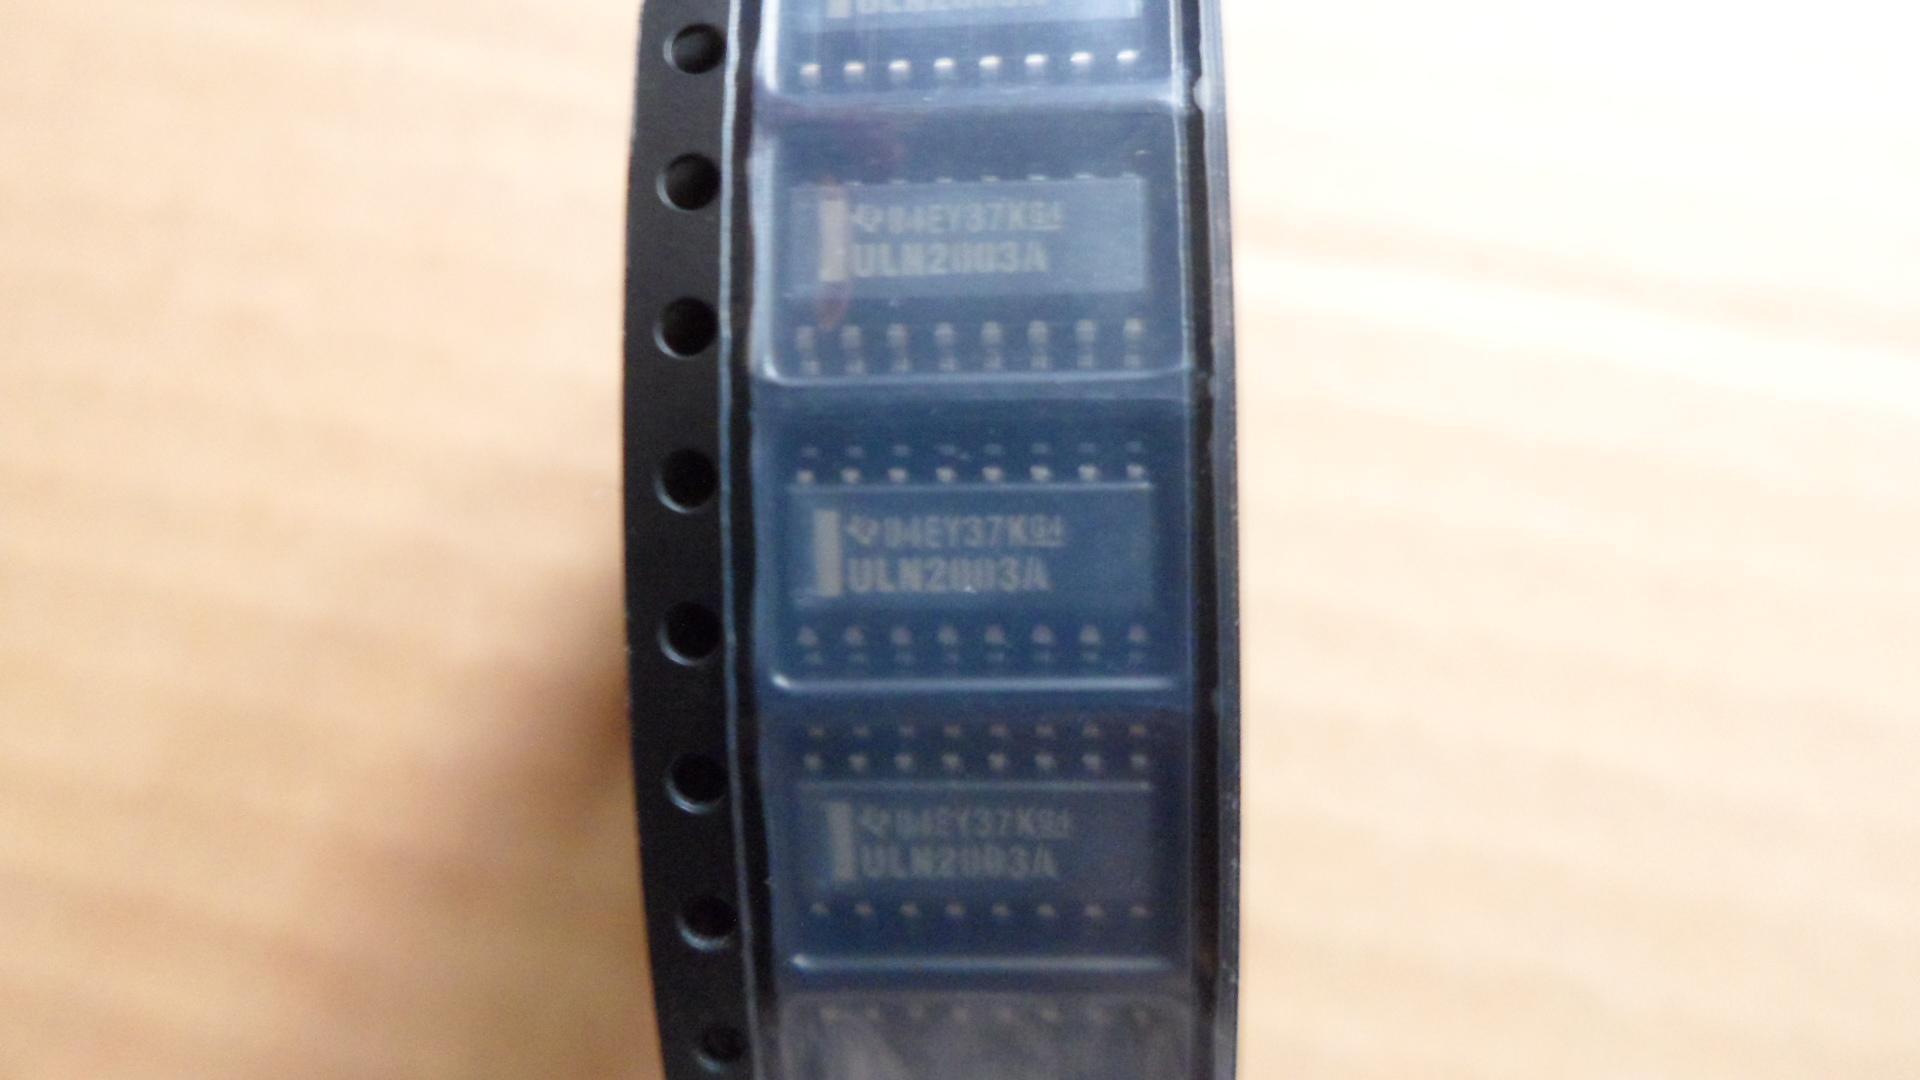 uln2003a